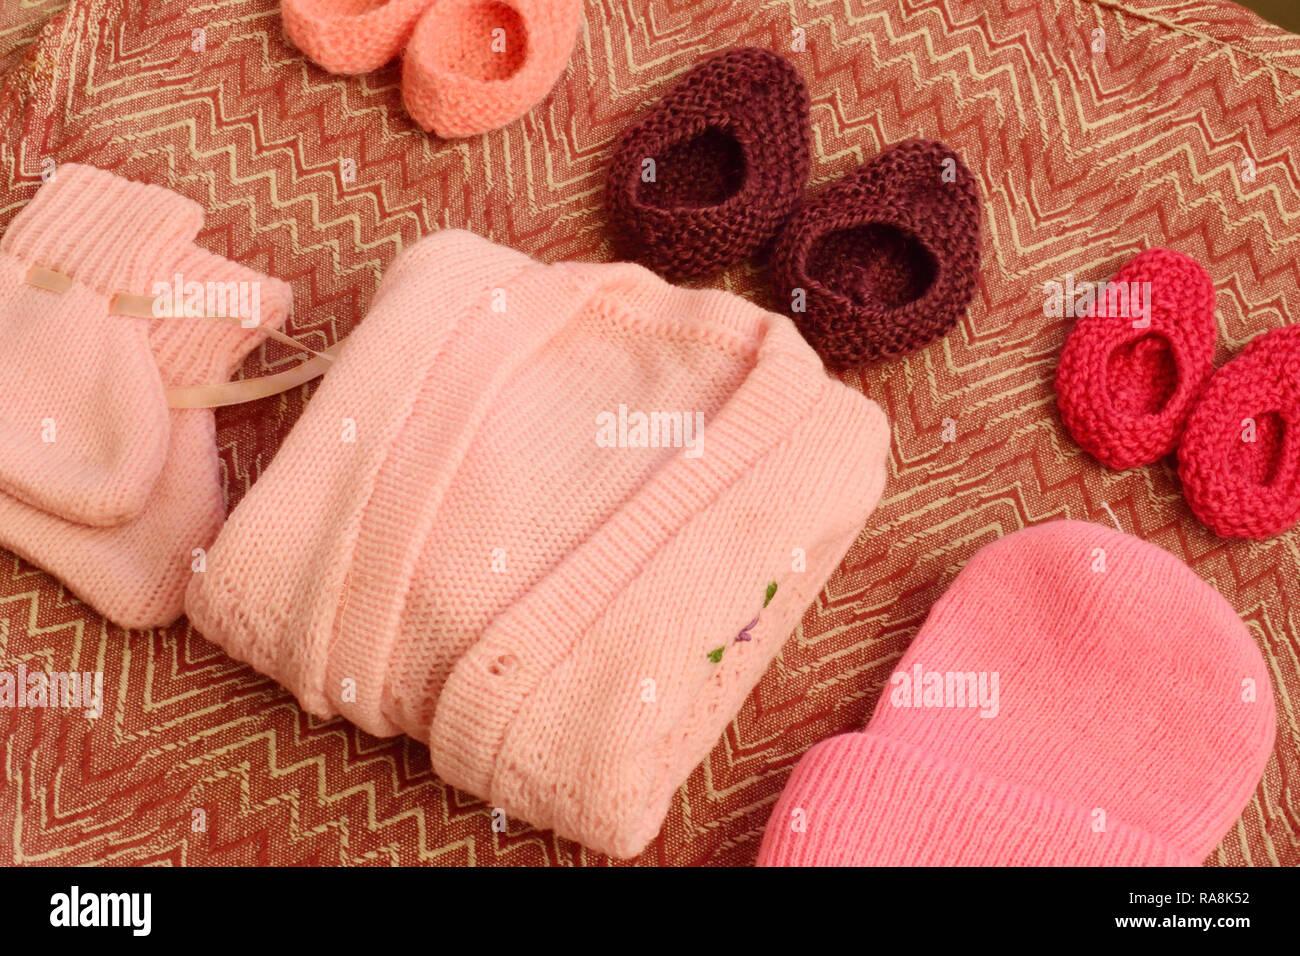 40adf748fbaa Carino di lana per maglieria bambino vestito con scarpe e calze e Berretto  in maglia Immagini